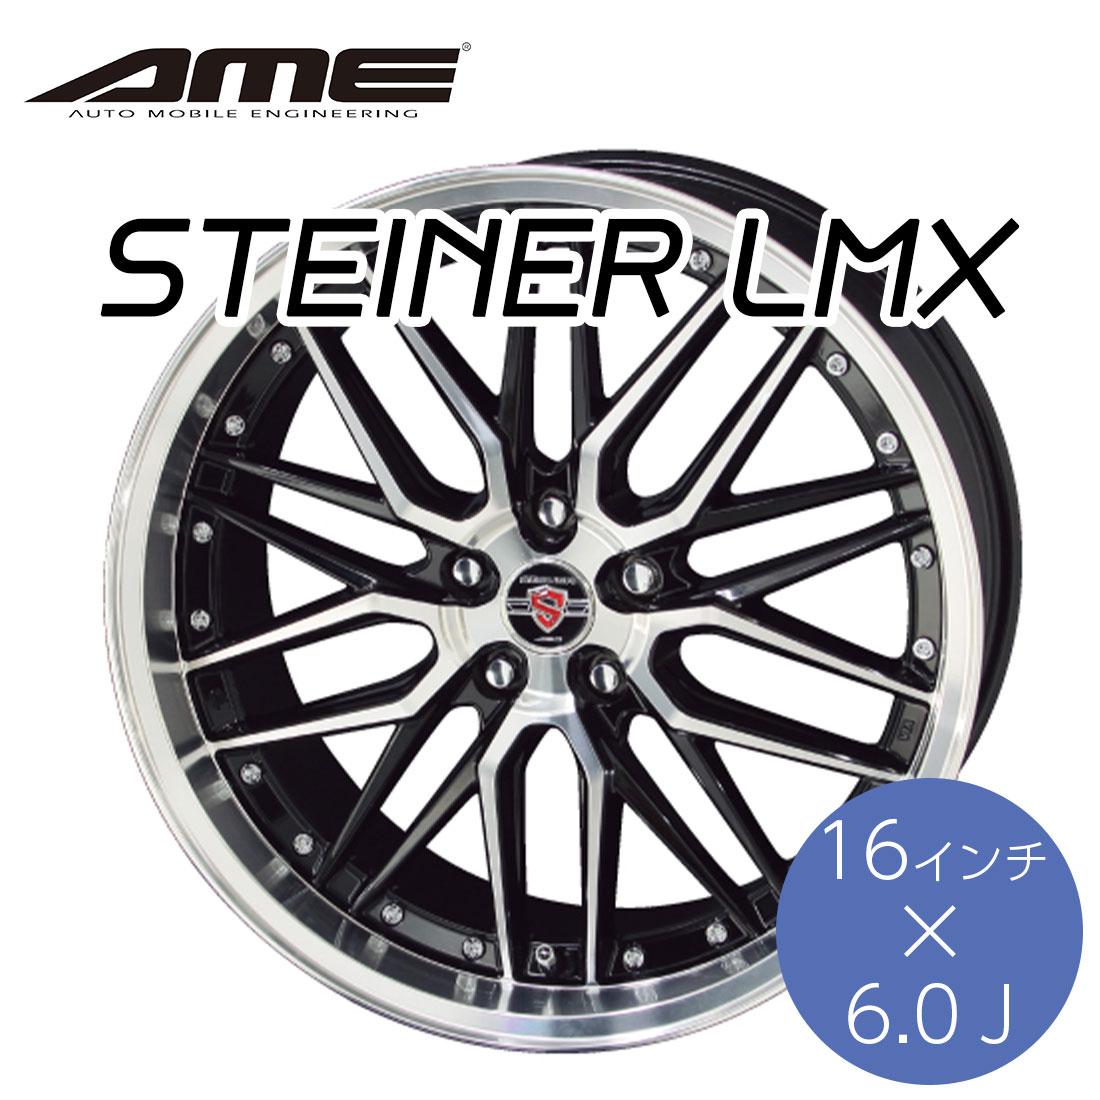 KYOHO ホイール シュタイナーLMX 16×6.0J インチ 4H PCD 100 STEINER LMX by AME 共豊 ブラック×ポリッシュ かっこいい 車